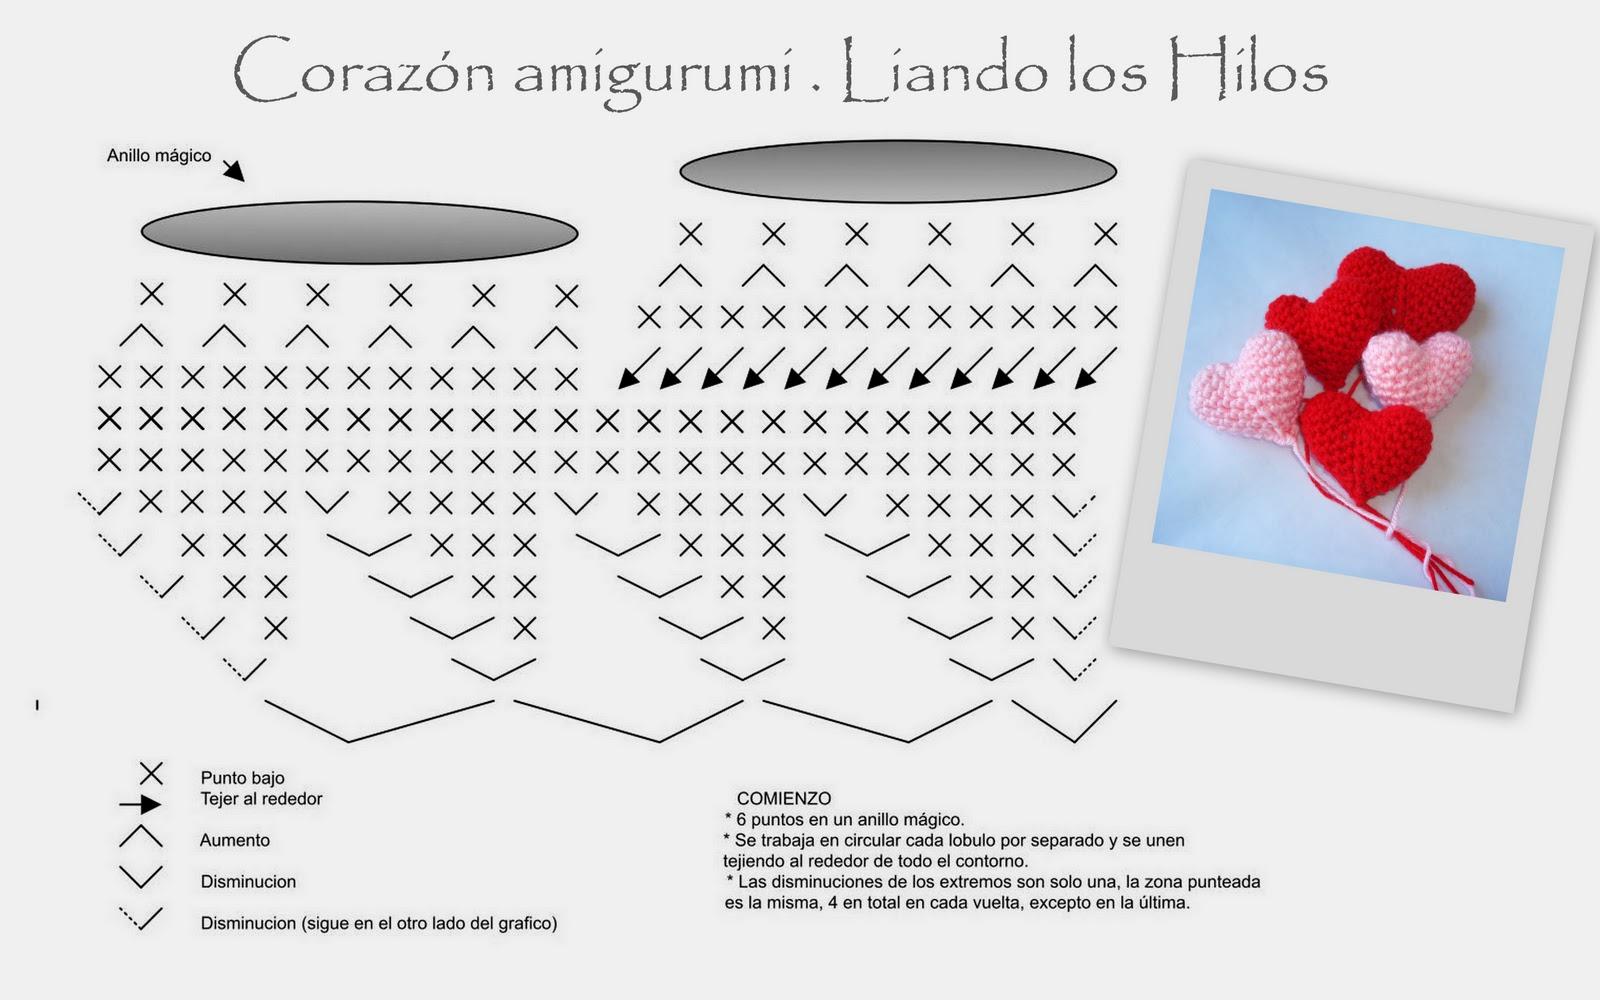 Amigurumi Corazon : FIOS DE ARTE: CORAcaO AMIGURUMI